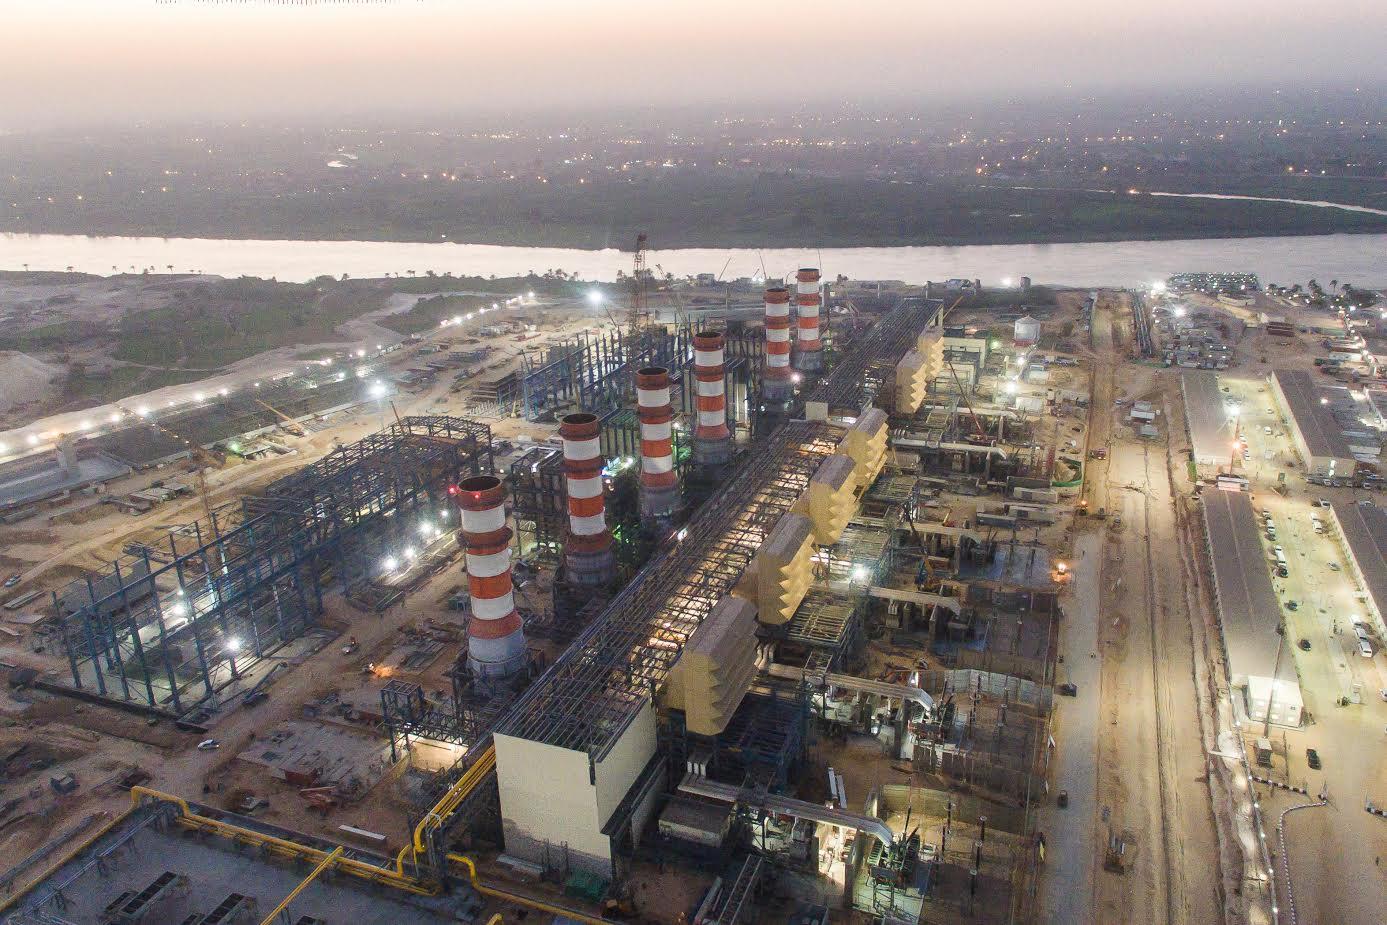 Η Siemens εκπληρώνει την υπόσχεσή της για το megaproject στην Αίγυπτο